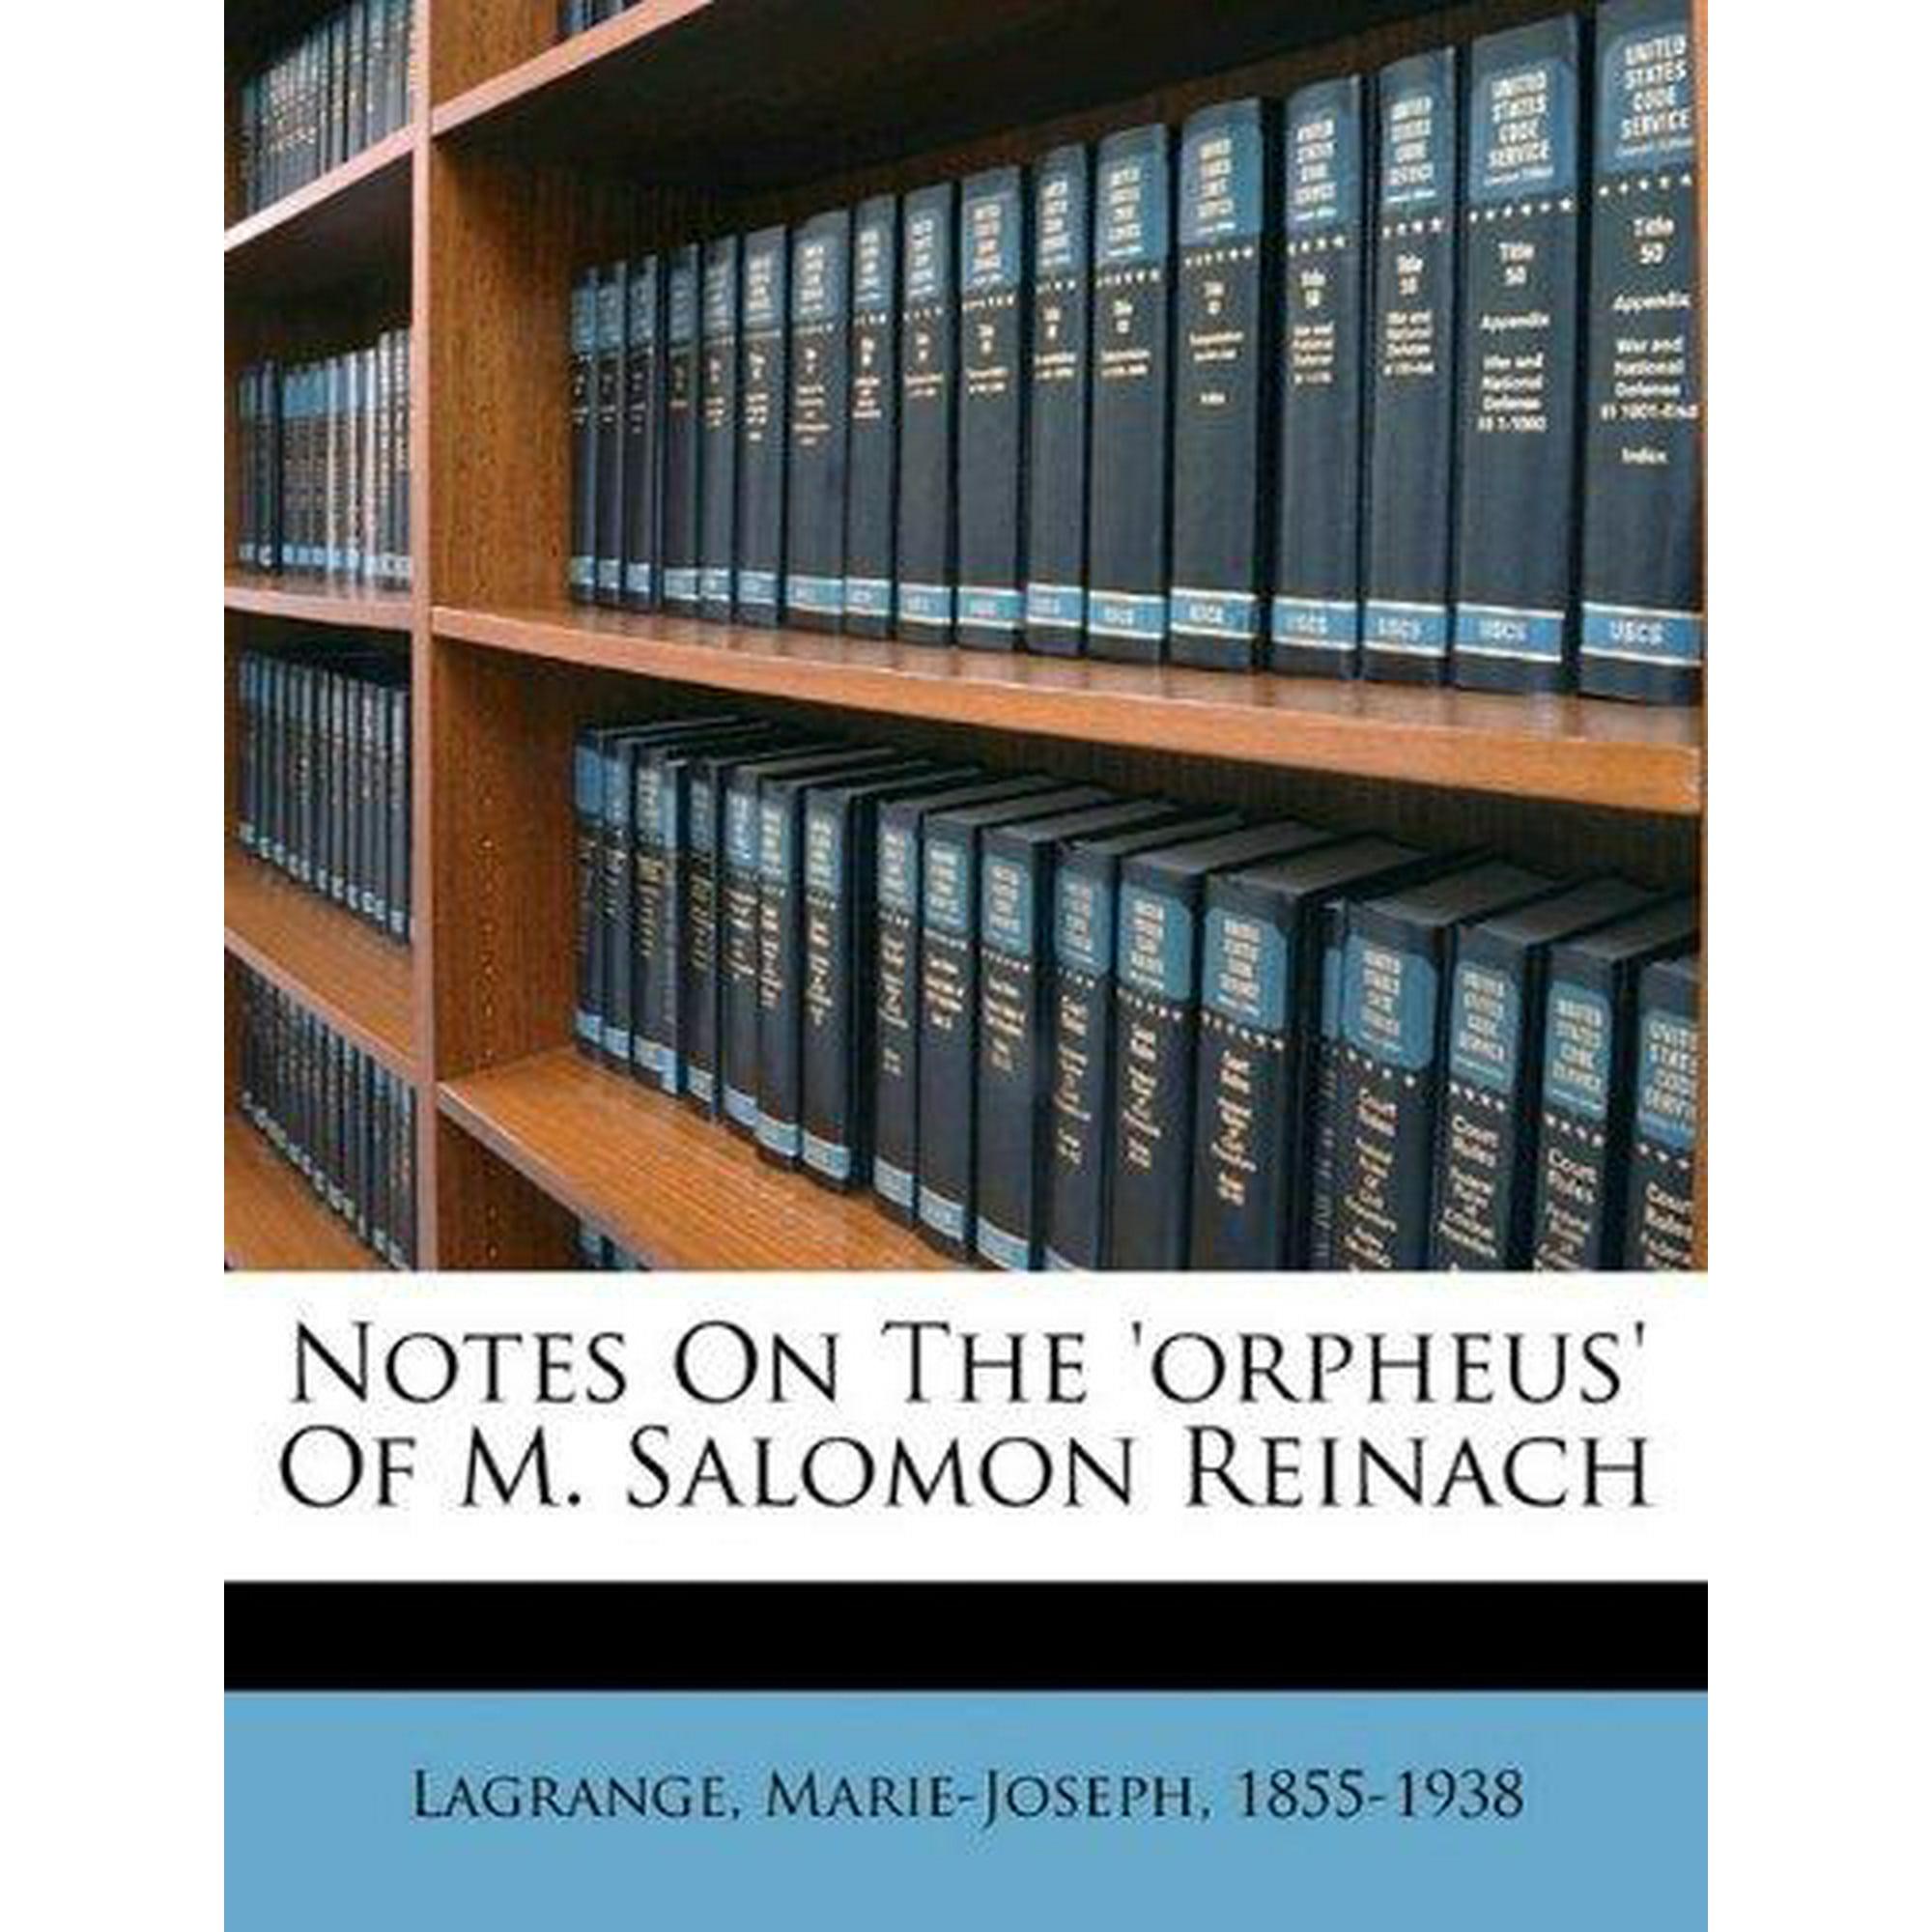 Indipendente Sacrificio Normalmente  Notes on the 'Orpheus' of M. Salomon Reinach | Walmart Canada